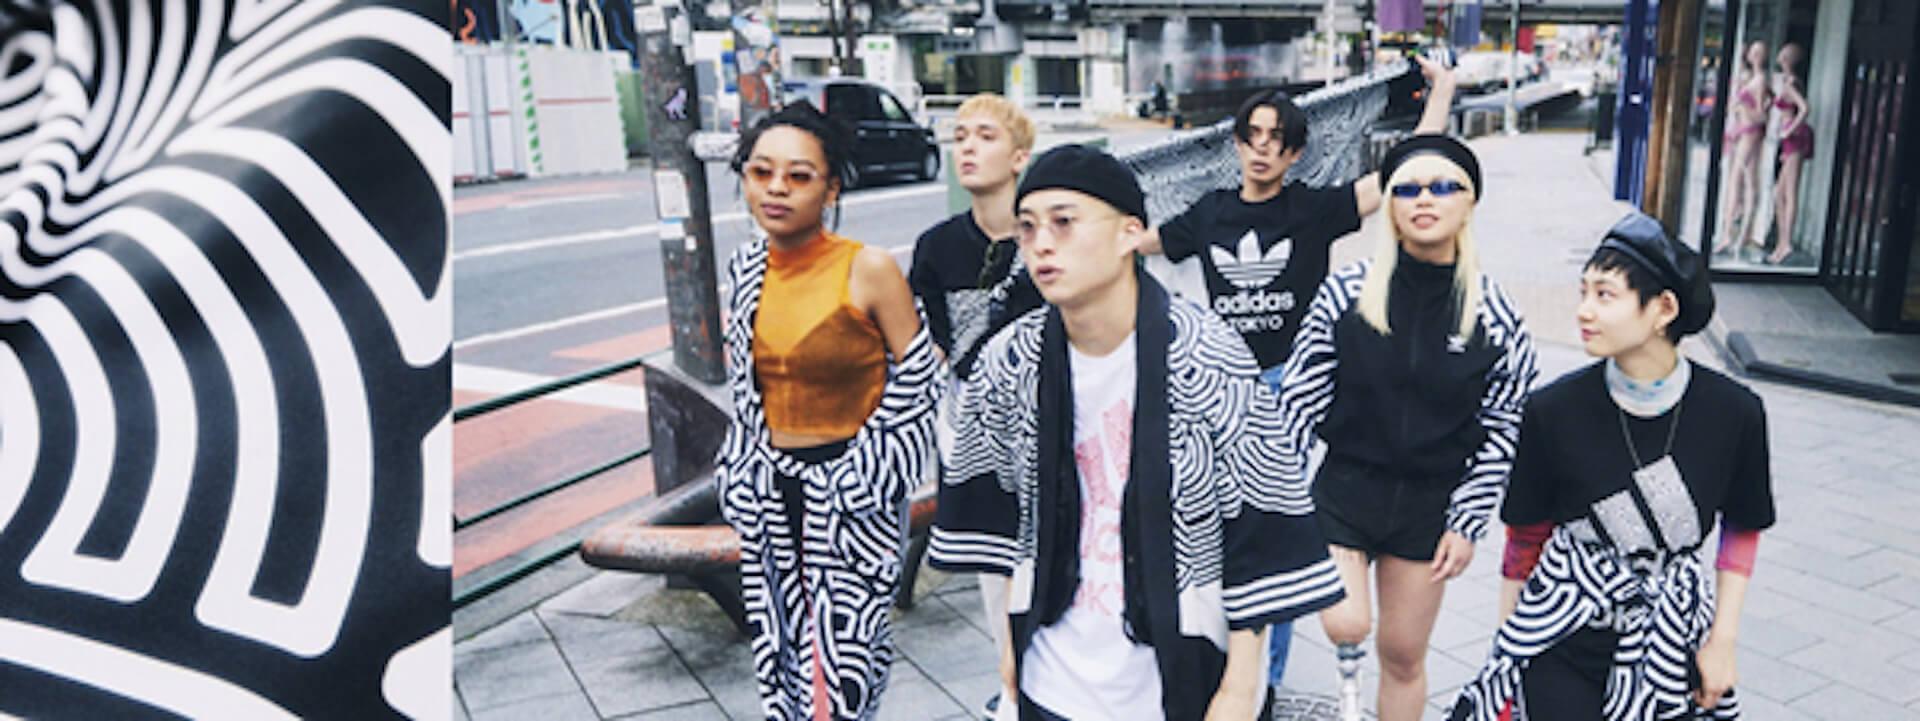 アディダス初の法被ジャケットと浴衣ジャケットが登場!高橋理子とのコラボコレクション『HIROKO TAKAHASHI COLLECTION』が販売開始 music210611_adidas17